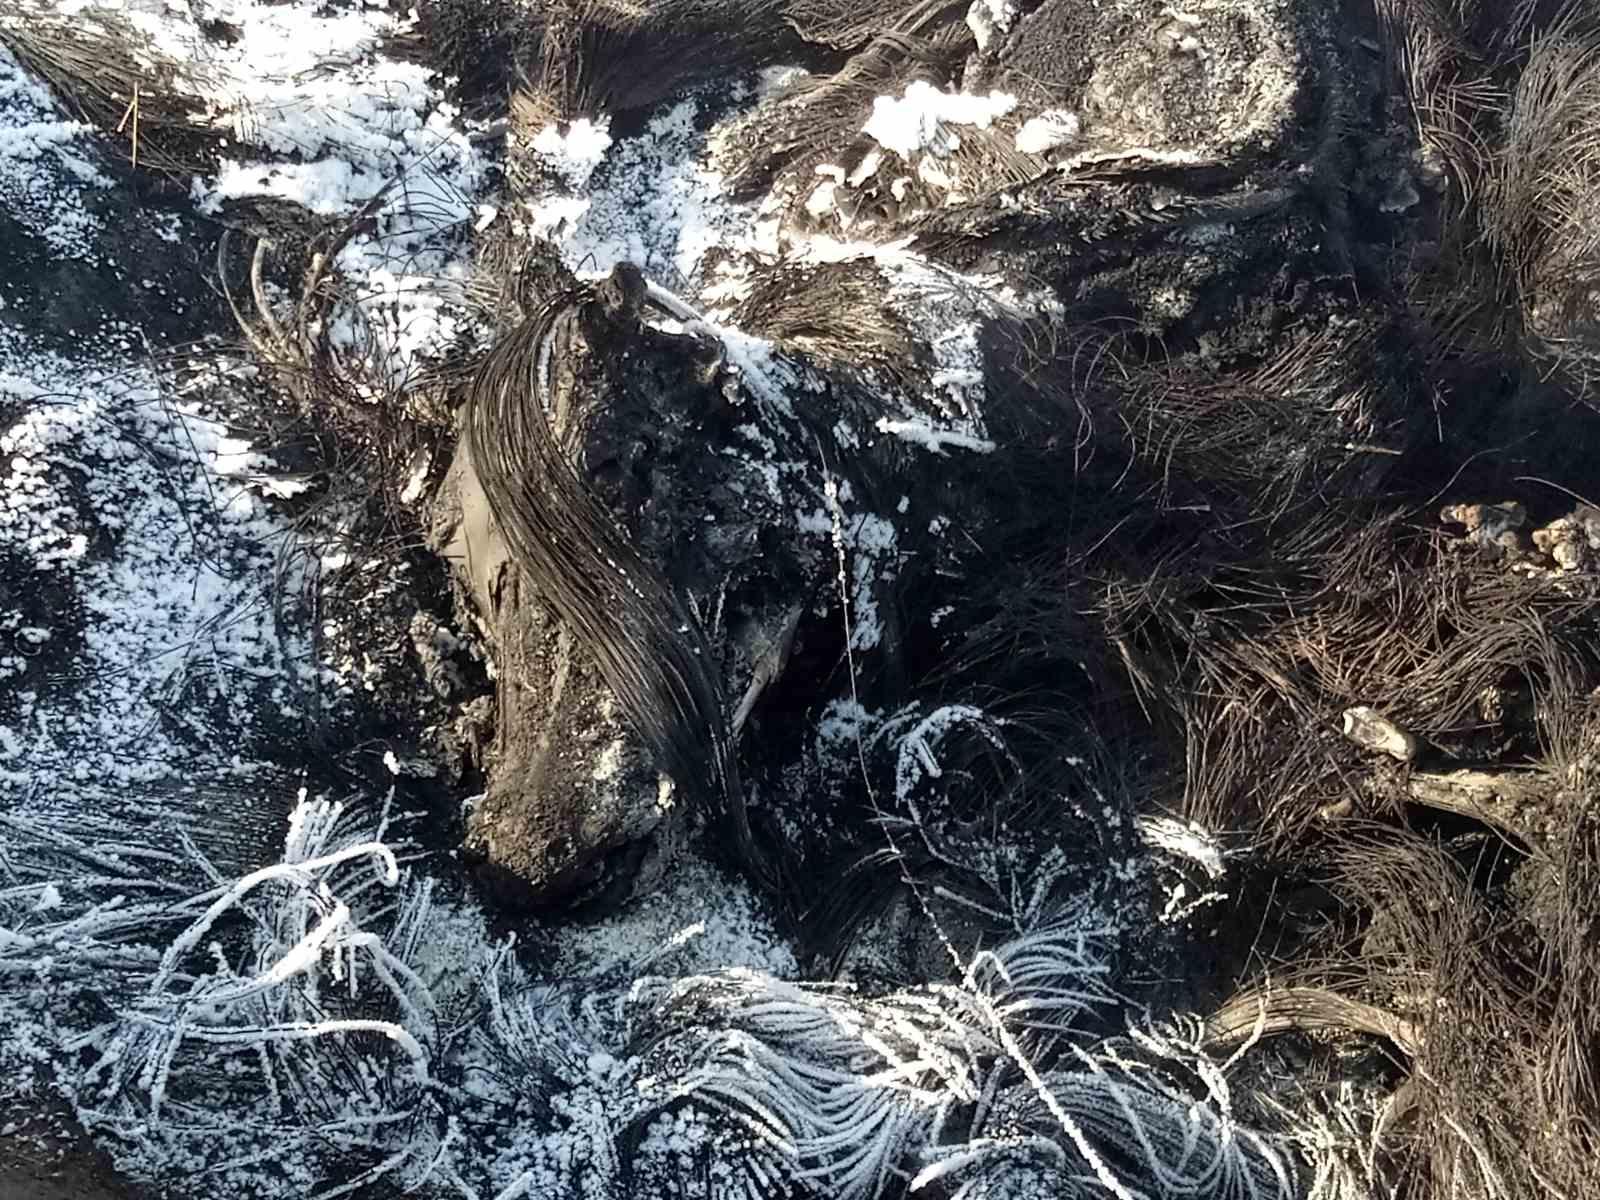 Приаргунский район. Останки сожженного животного, зараженного ящуром. 9 февраля 2020г.